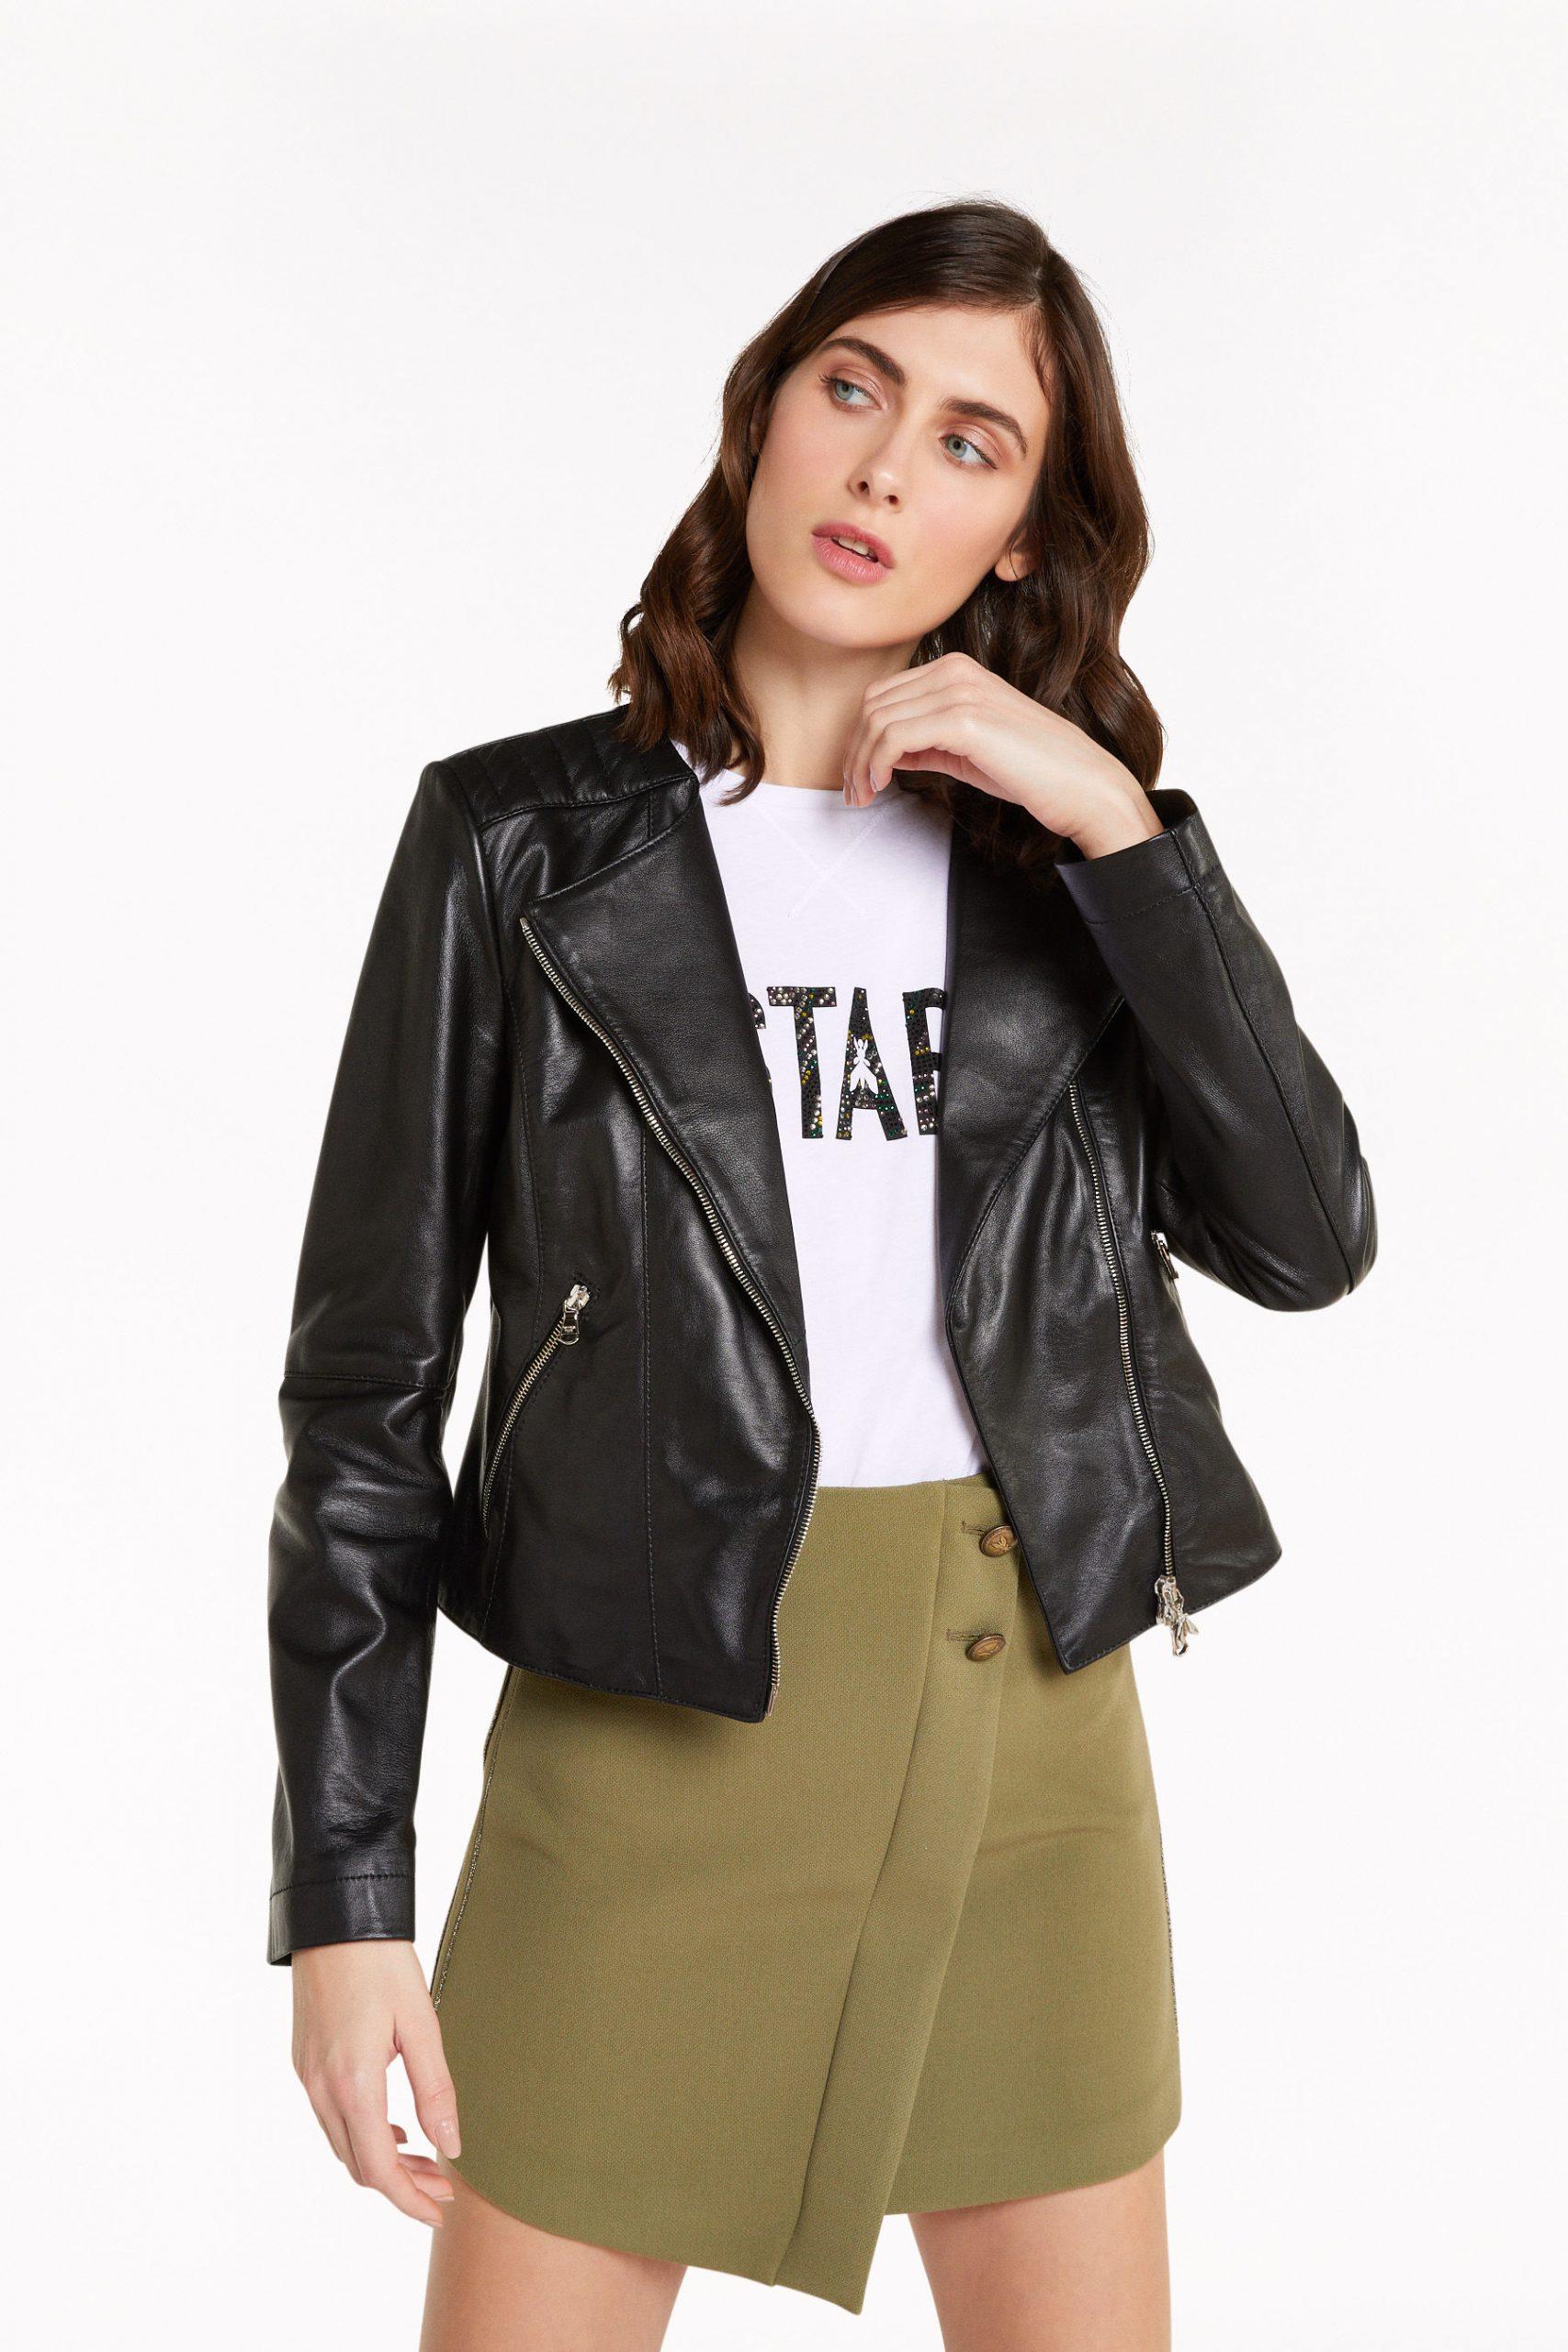 Abbigliamento Patrizia Pepe  Giubbotto biker girocollo Black female collezione 2020 shop the look